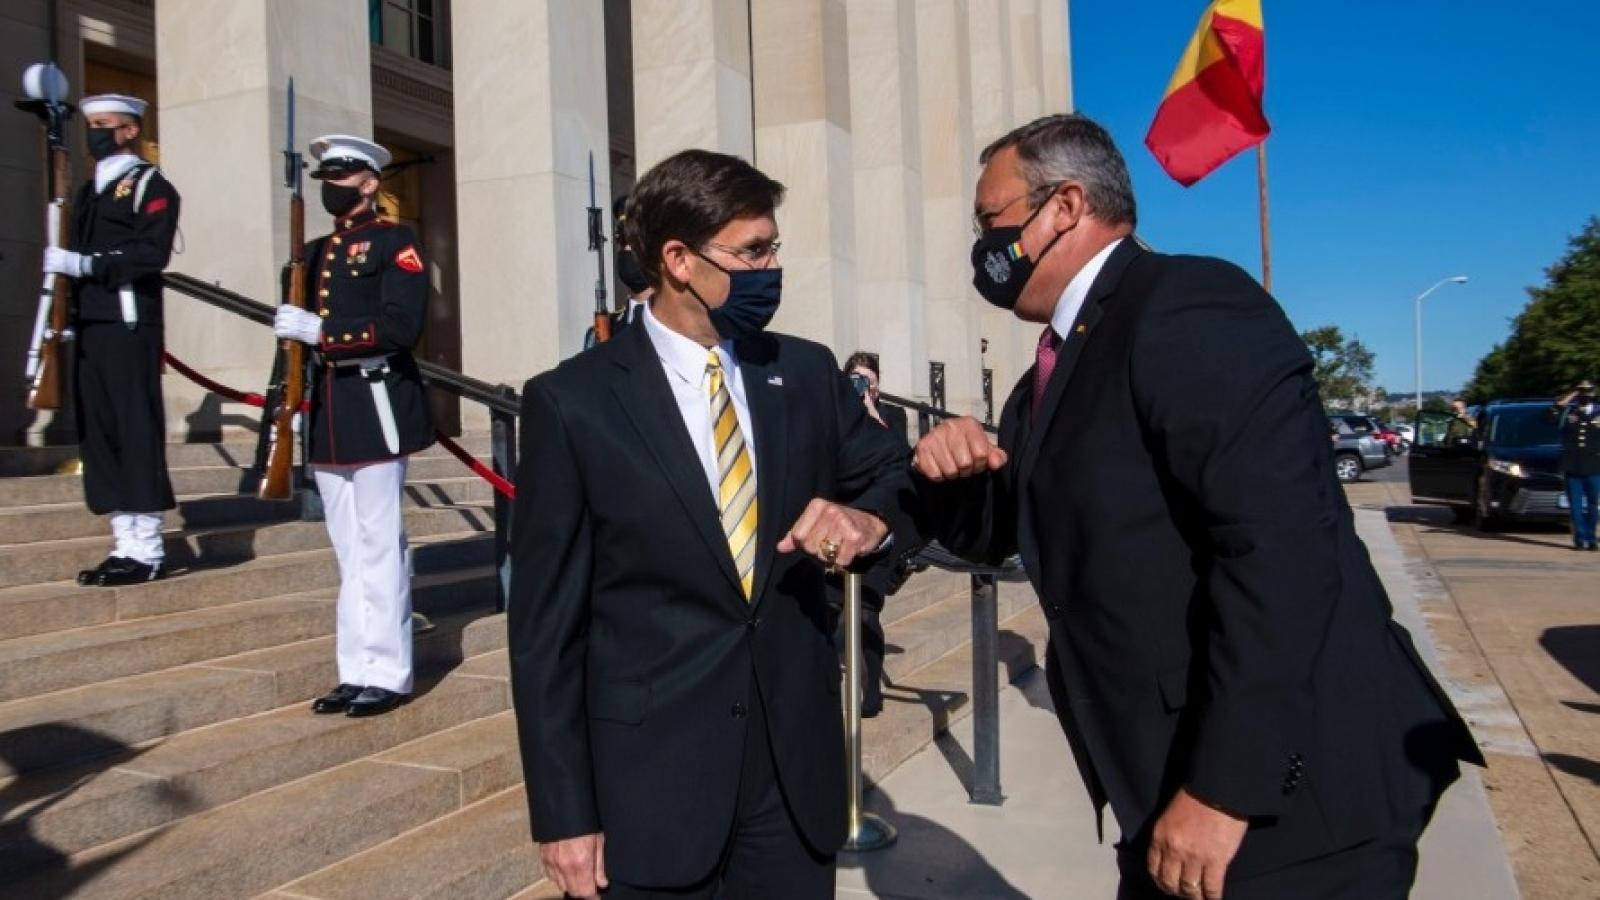 Mỹ - Romania ký thỏa thuận hợp tác quốc phòng